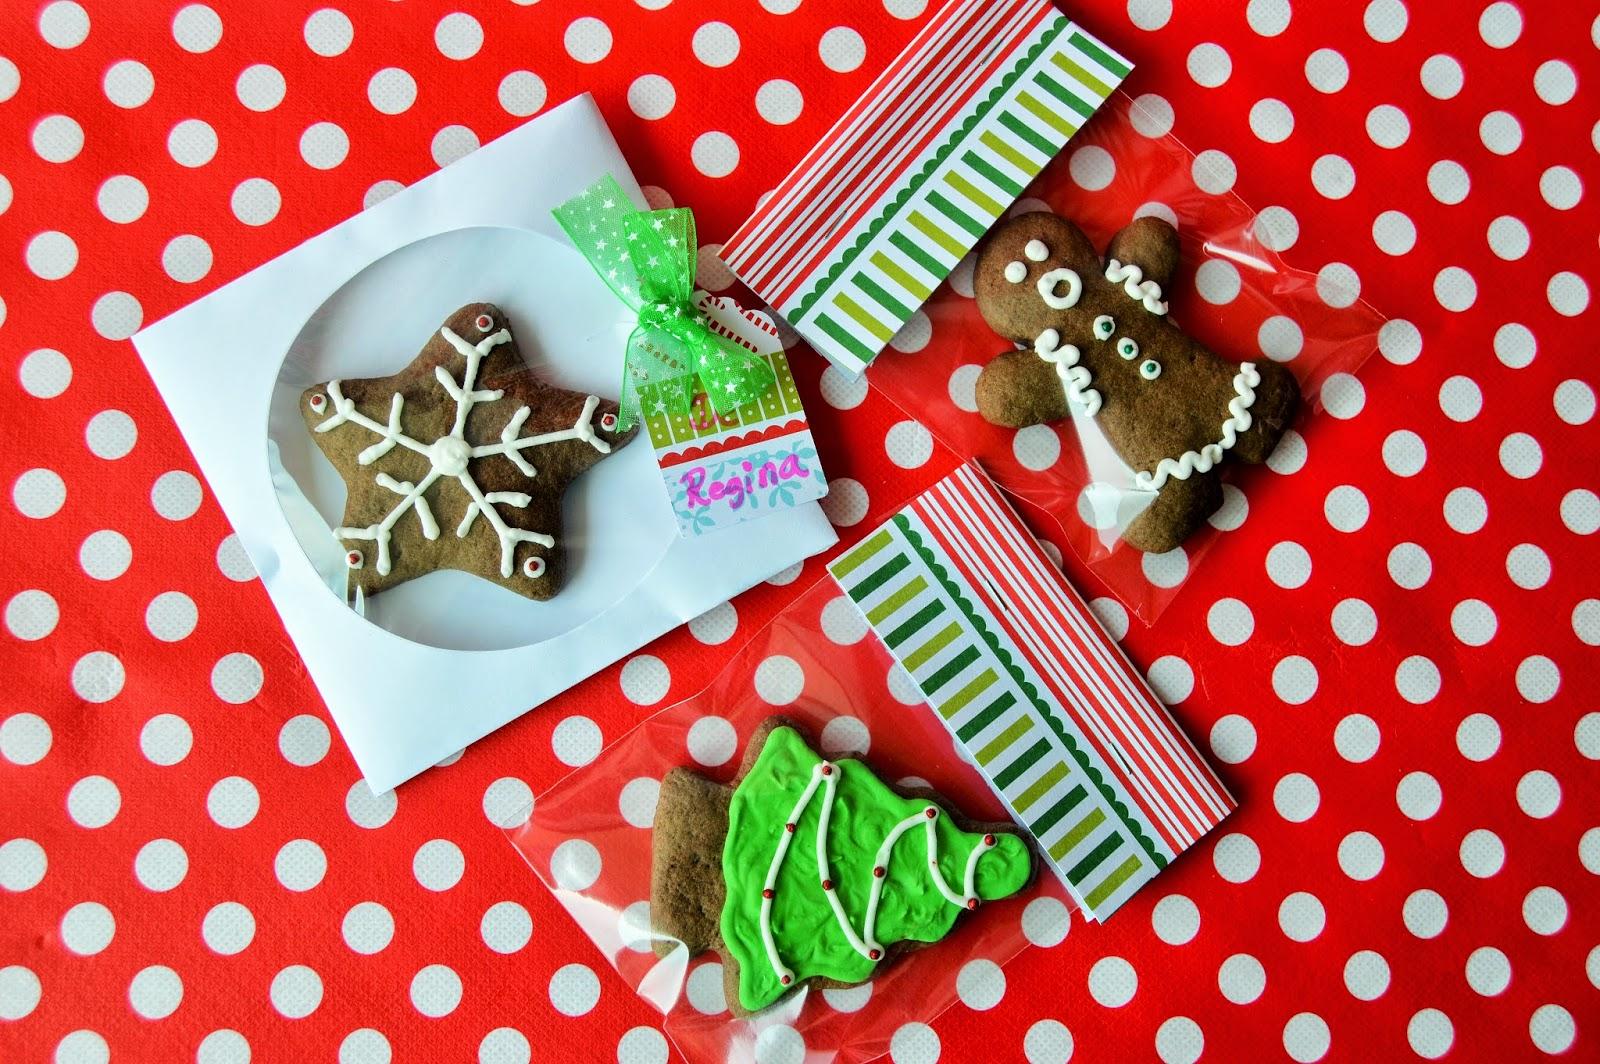 envolturas-galletas-jengibre-chocolate-muñecos-navidad-mexico